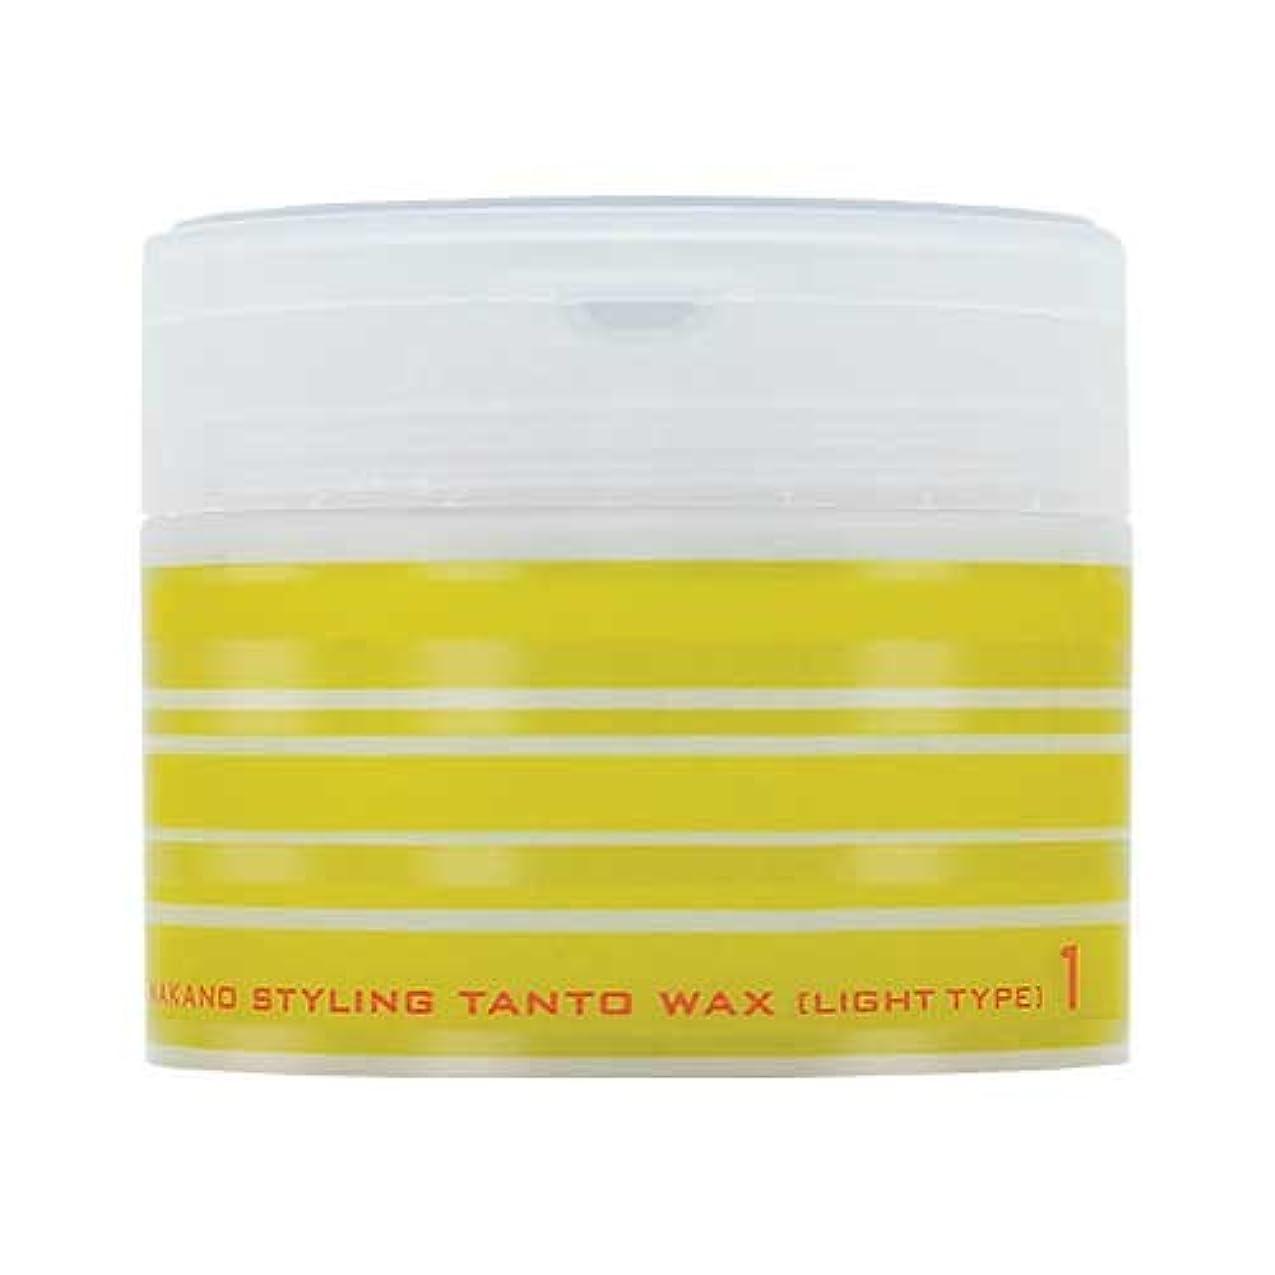 コンペ分類する減らすナカノ スタイリング タントN ワックス 1 ライトタイプ 90g 中野製薬 NAKANO